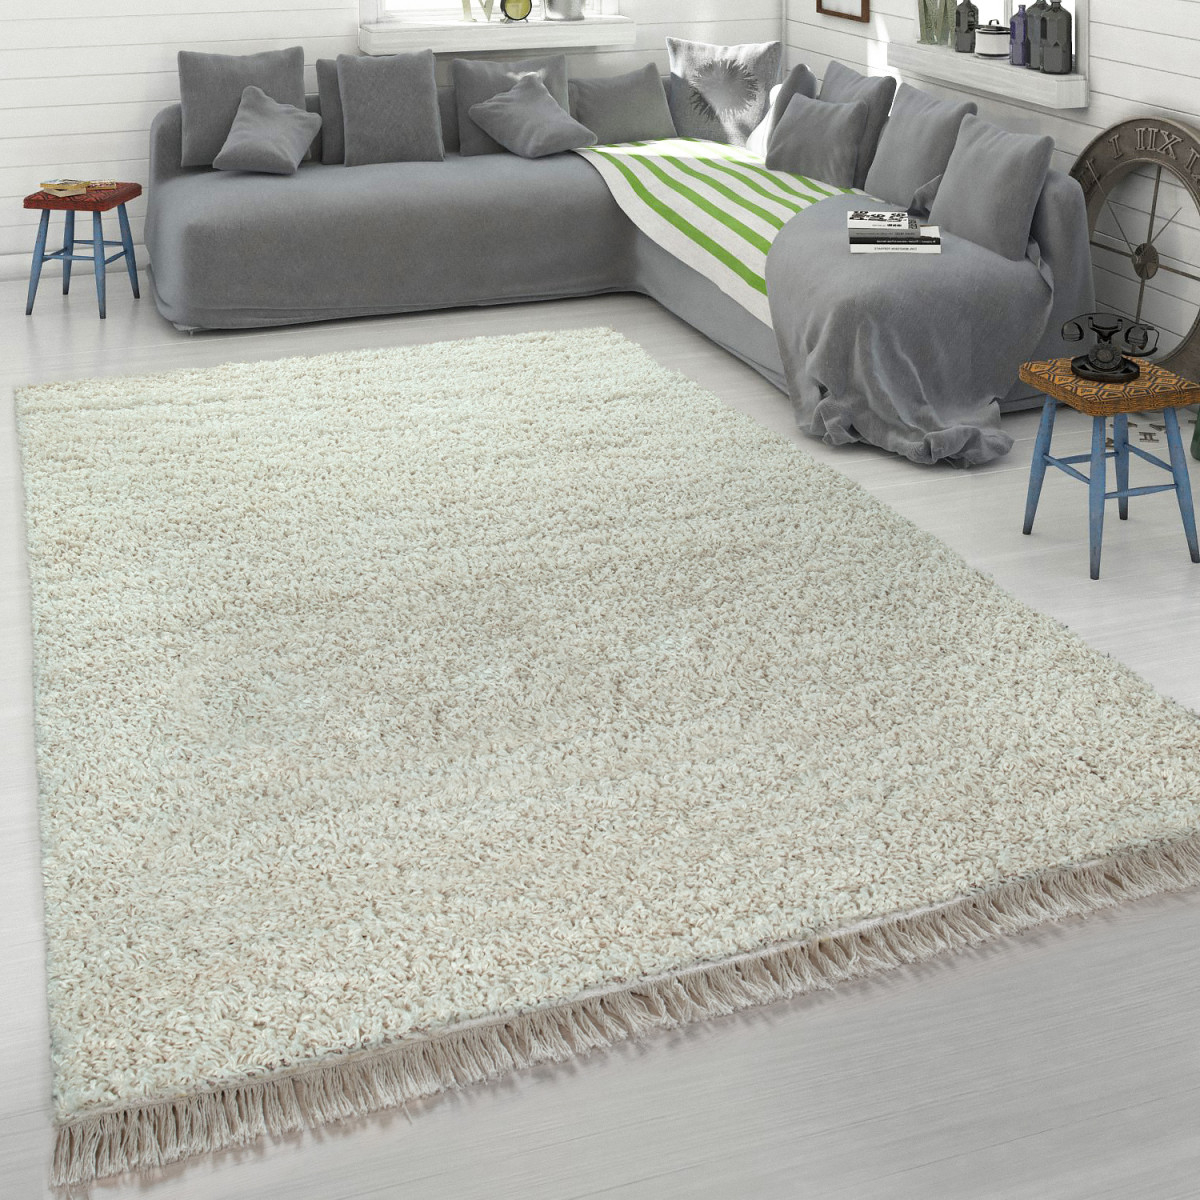 Shaggy Teppich Beige Wohnzimmer Schlafzimmer Hochflor Weich Robust Gemütlich von Teppich Beige Wohnzimmer Bild